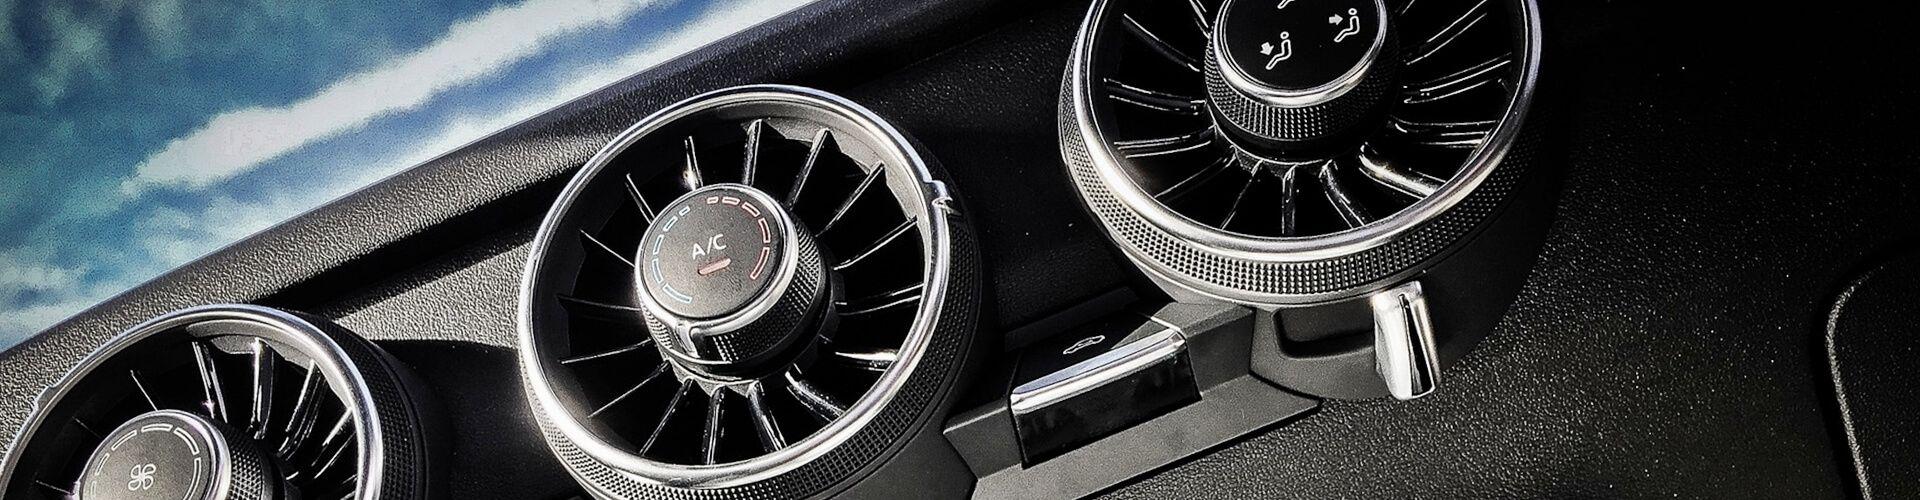 ruidos-aire-acondicionado-coche